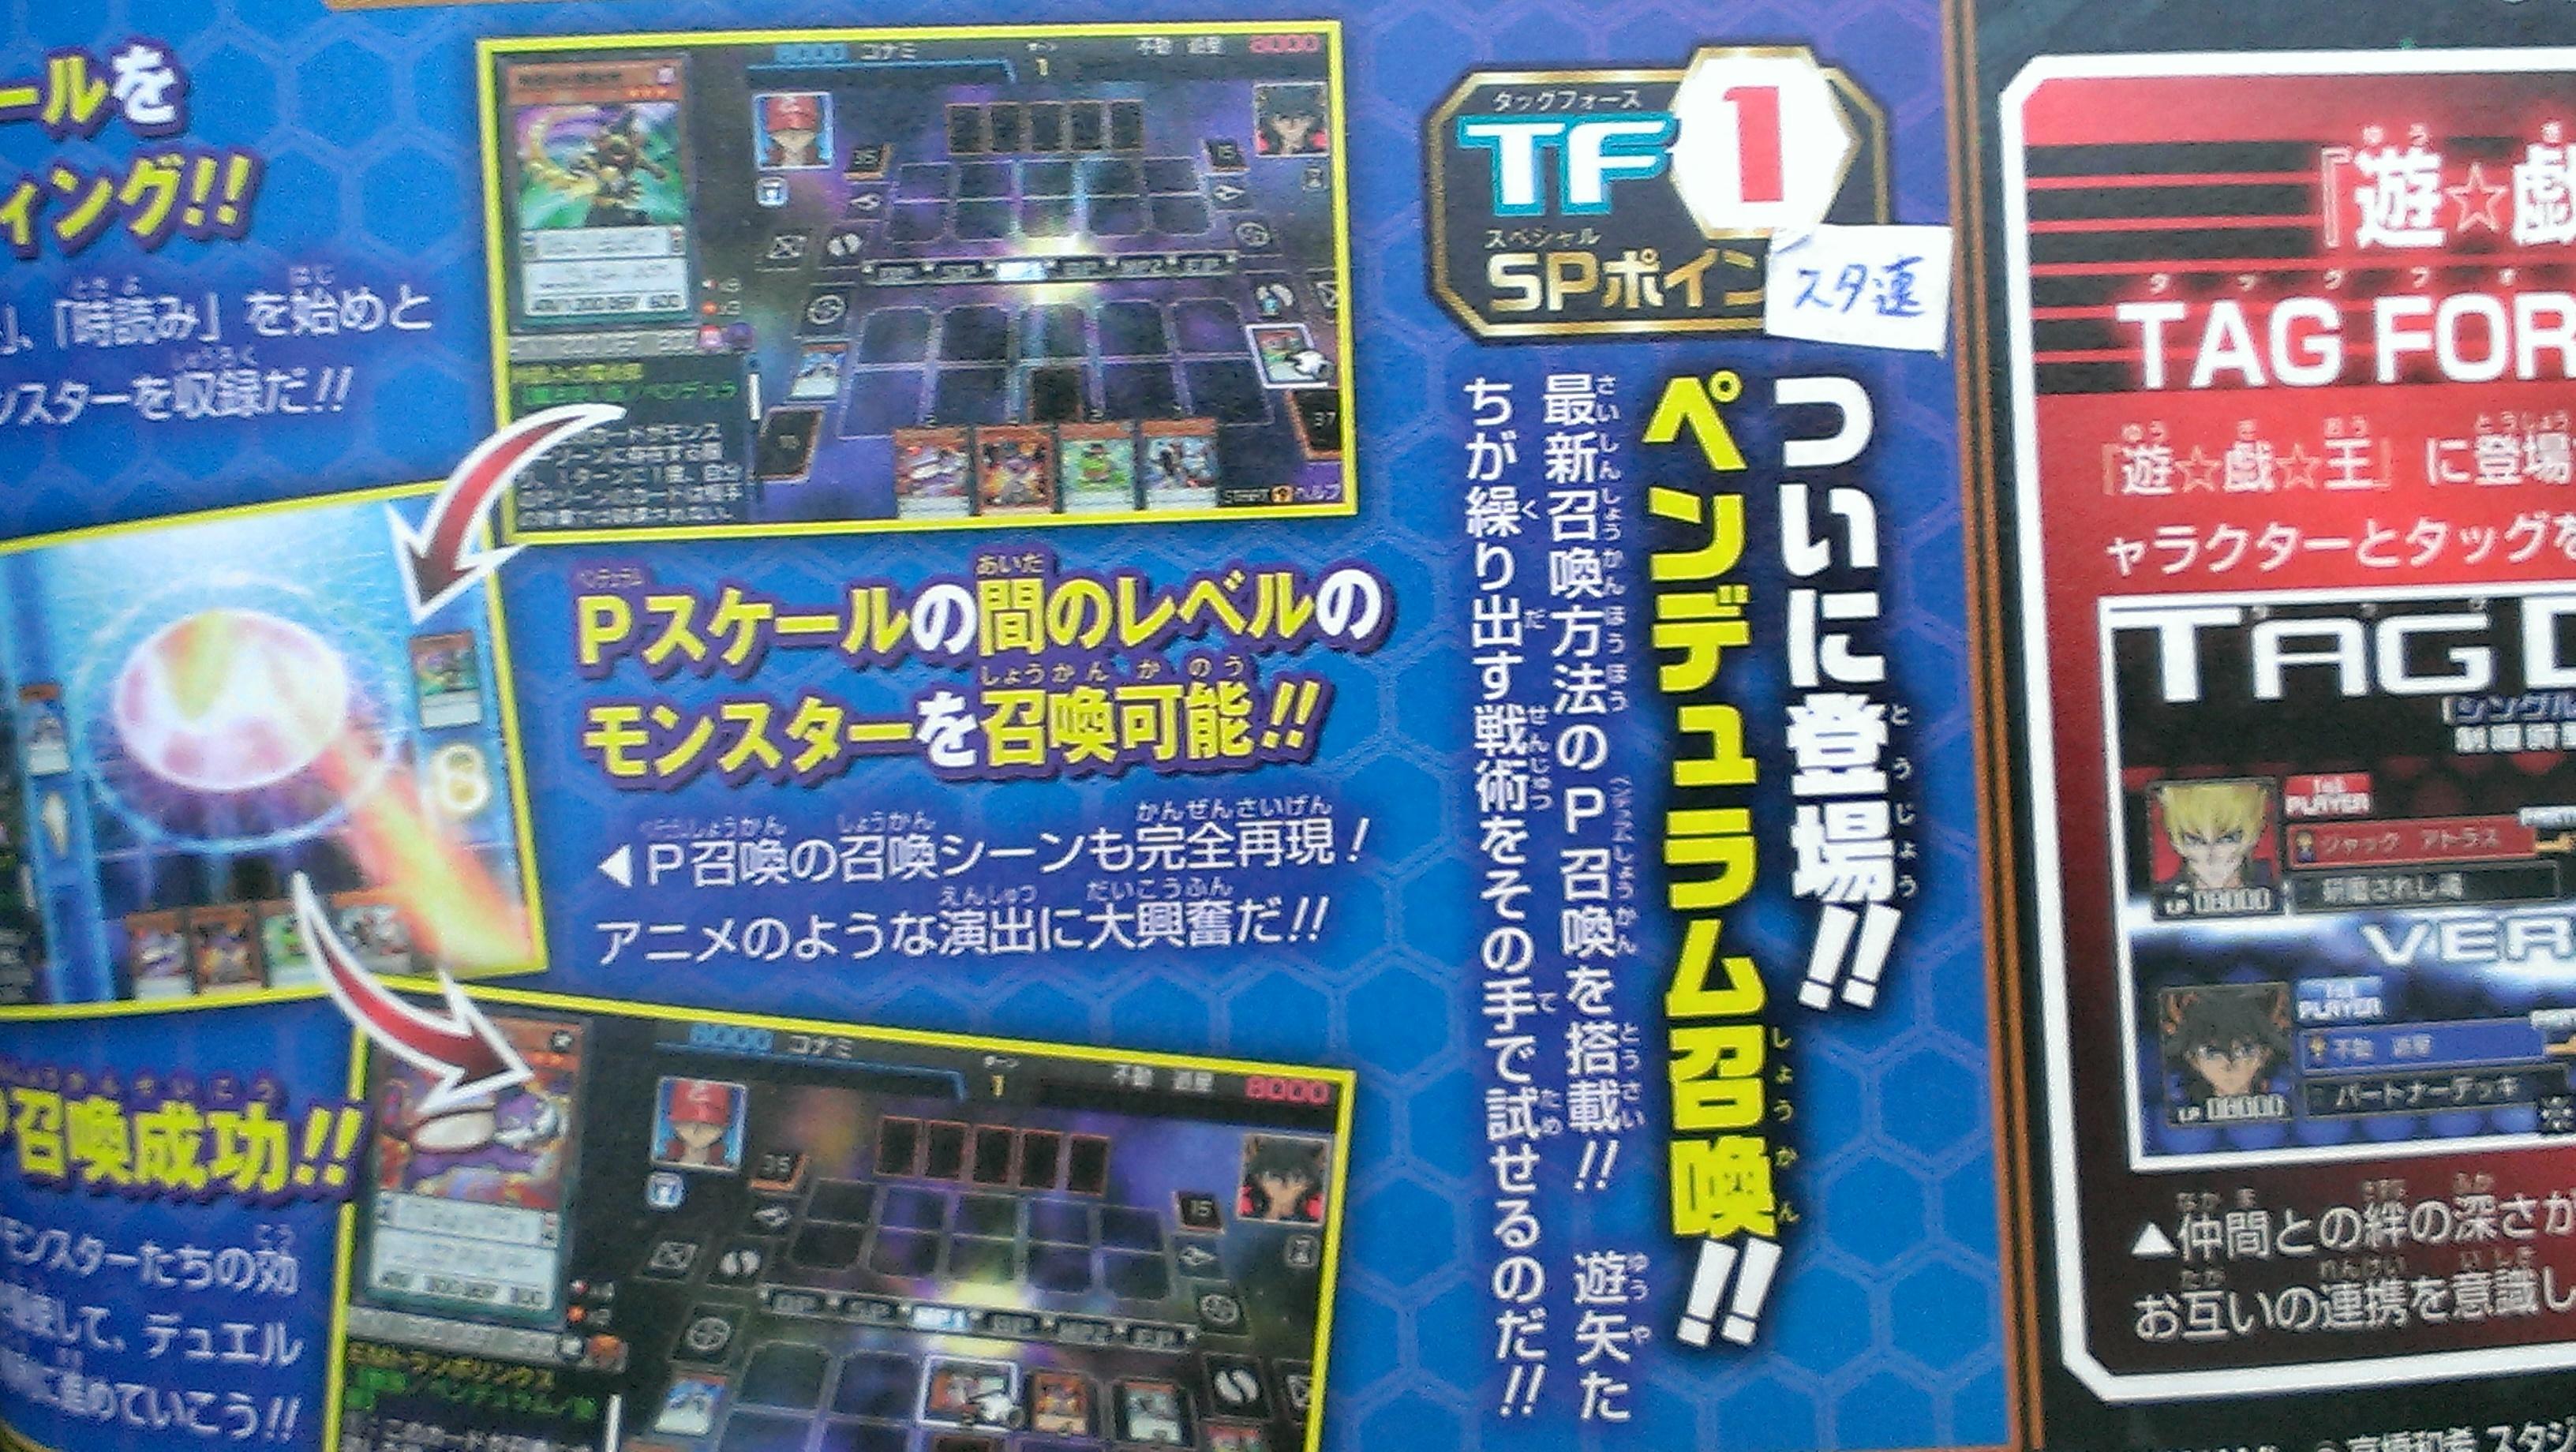 Yugioh-PSP-Ann_10-17-14 (1)